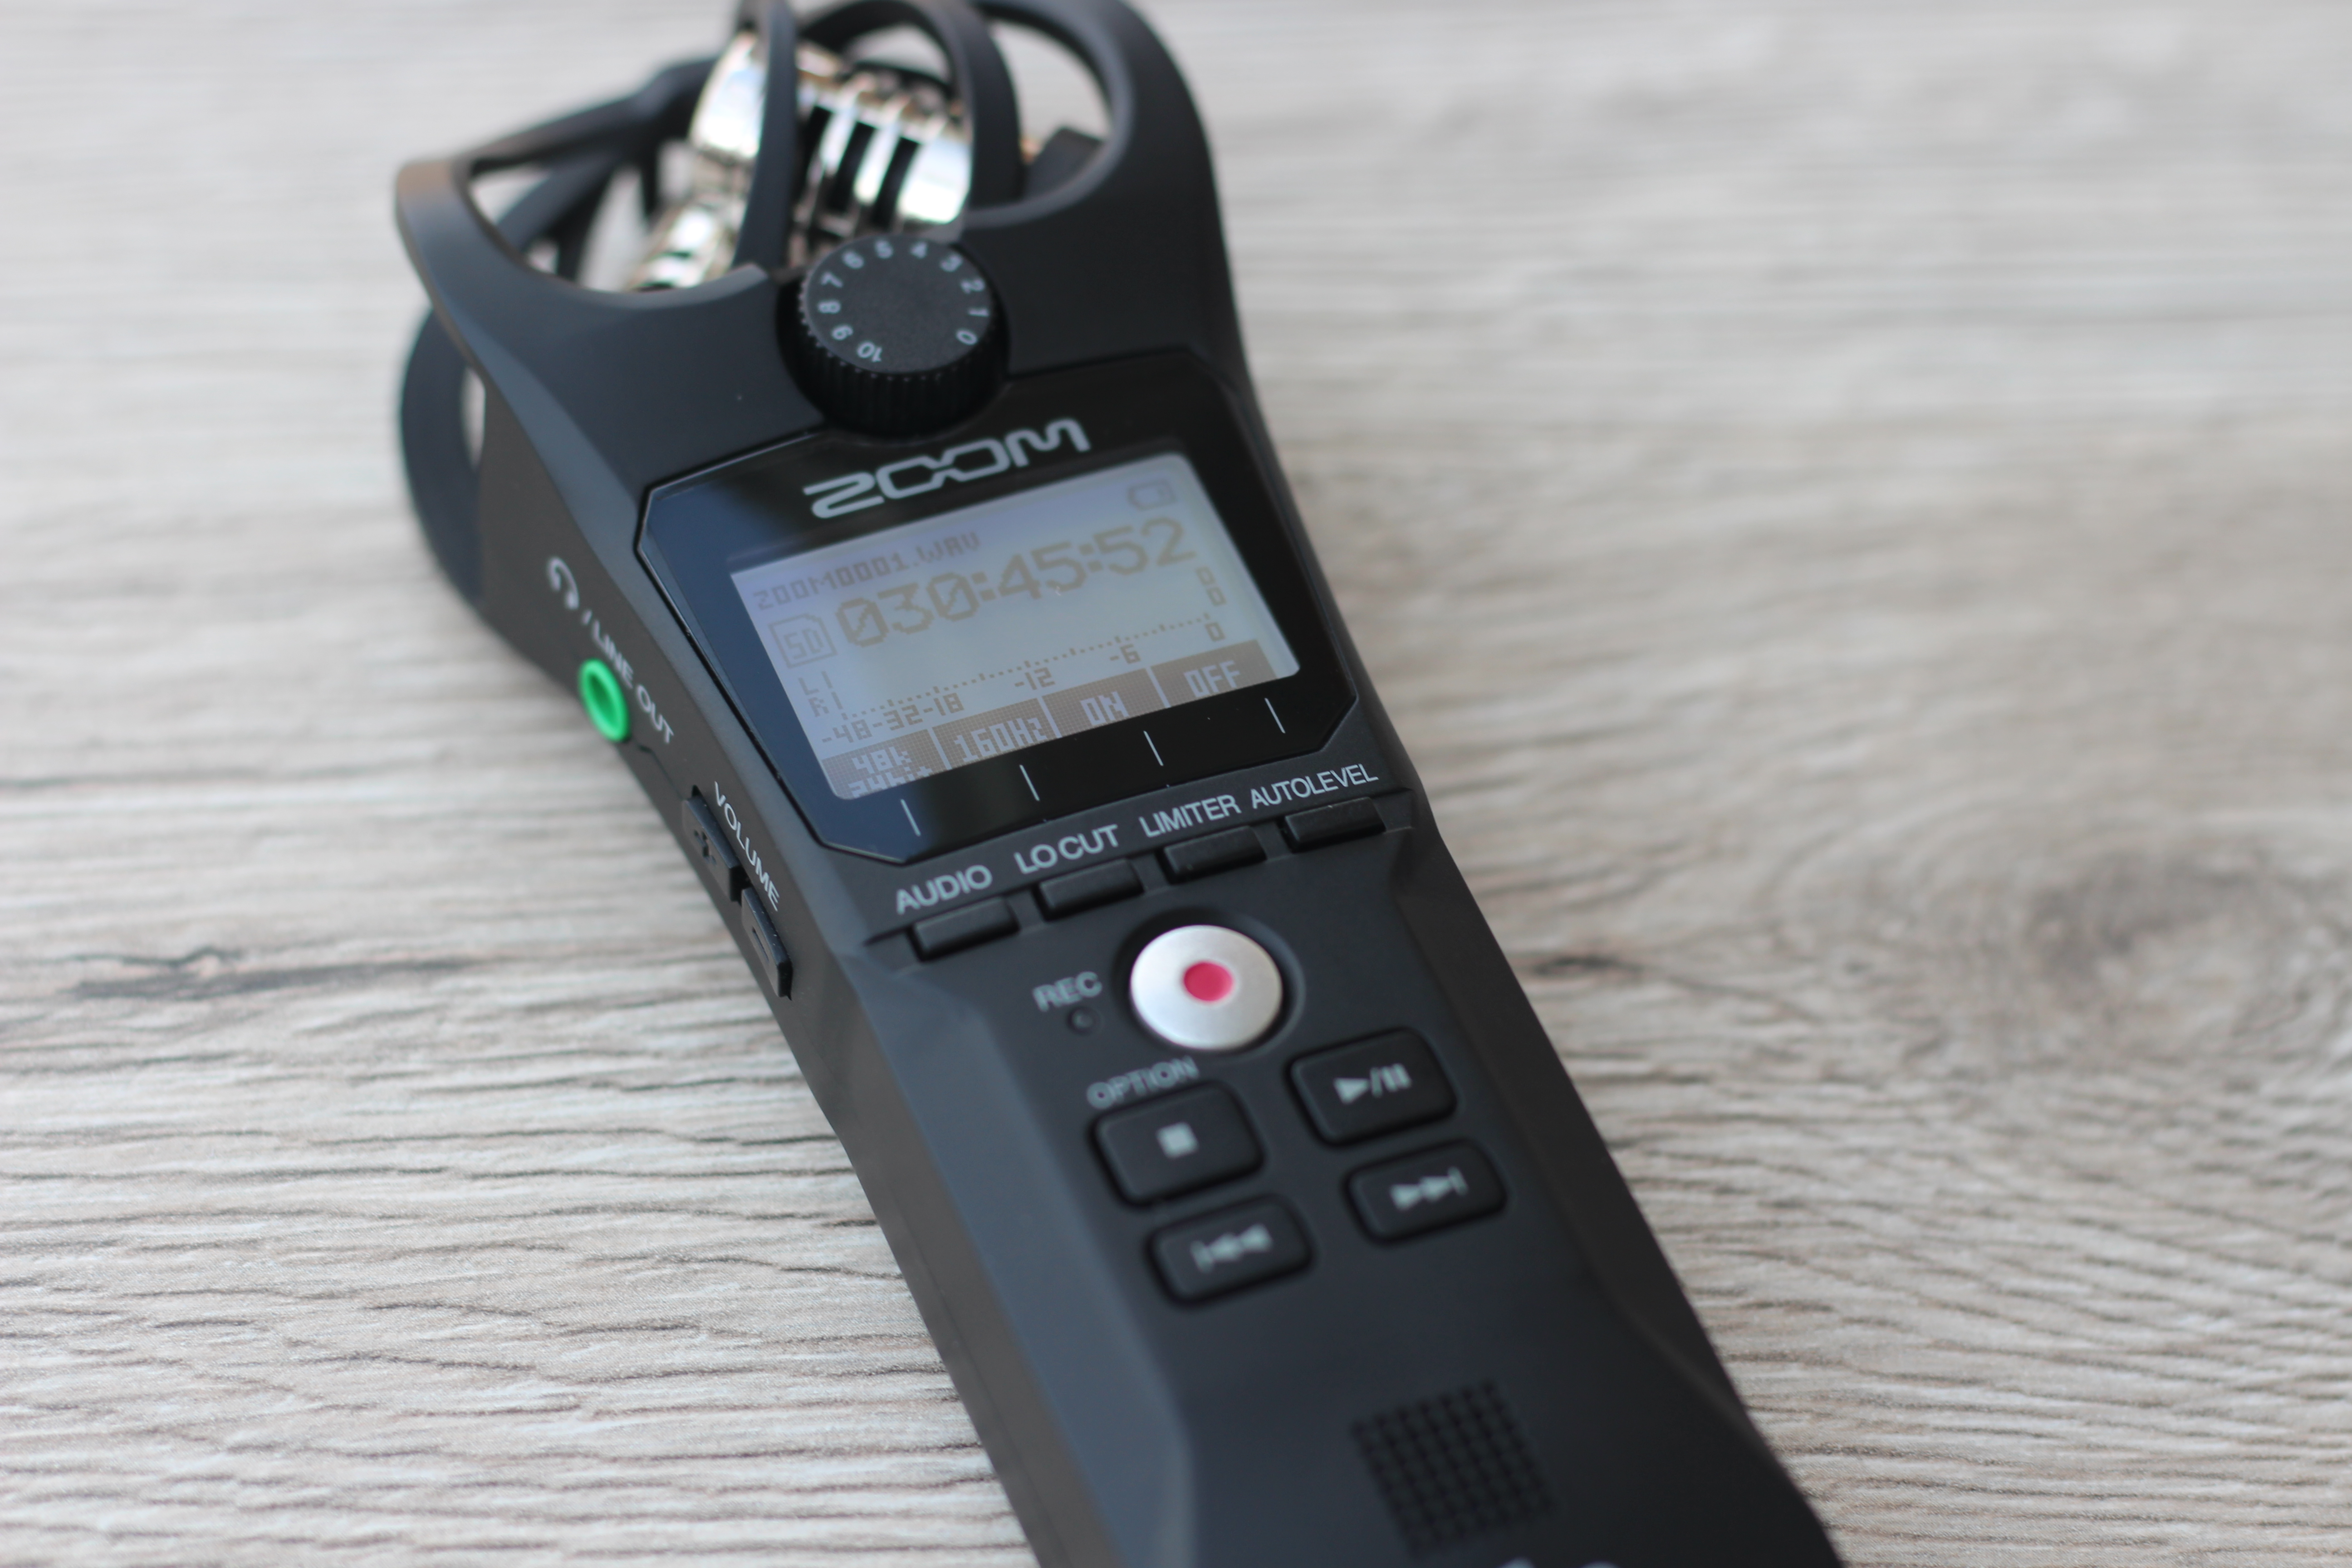 Zoom H1n Audiorekorder